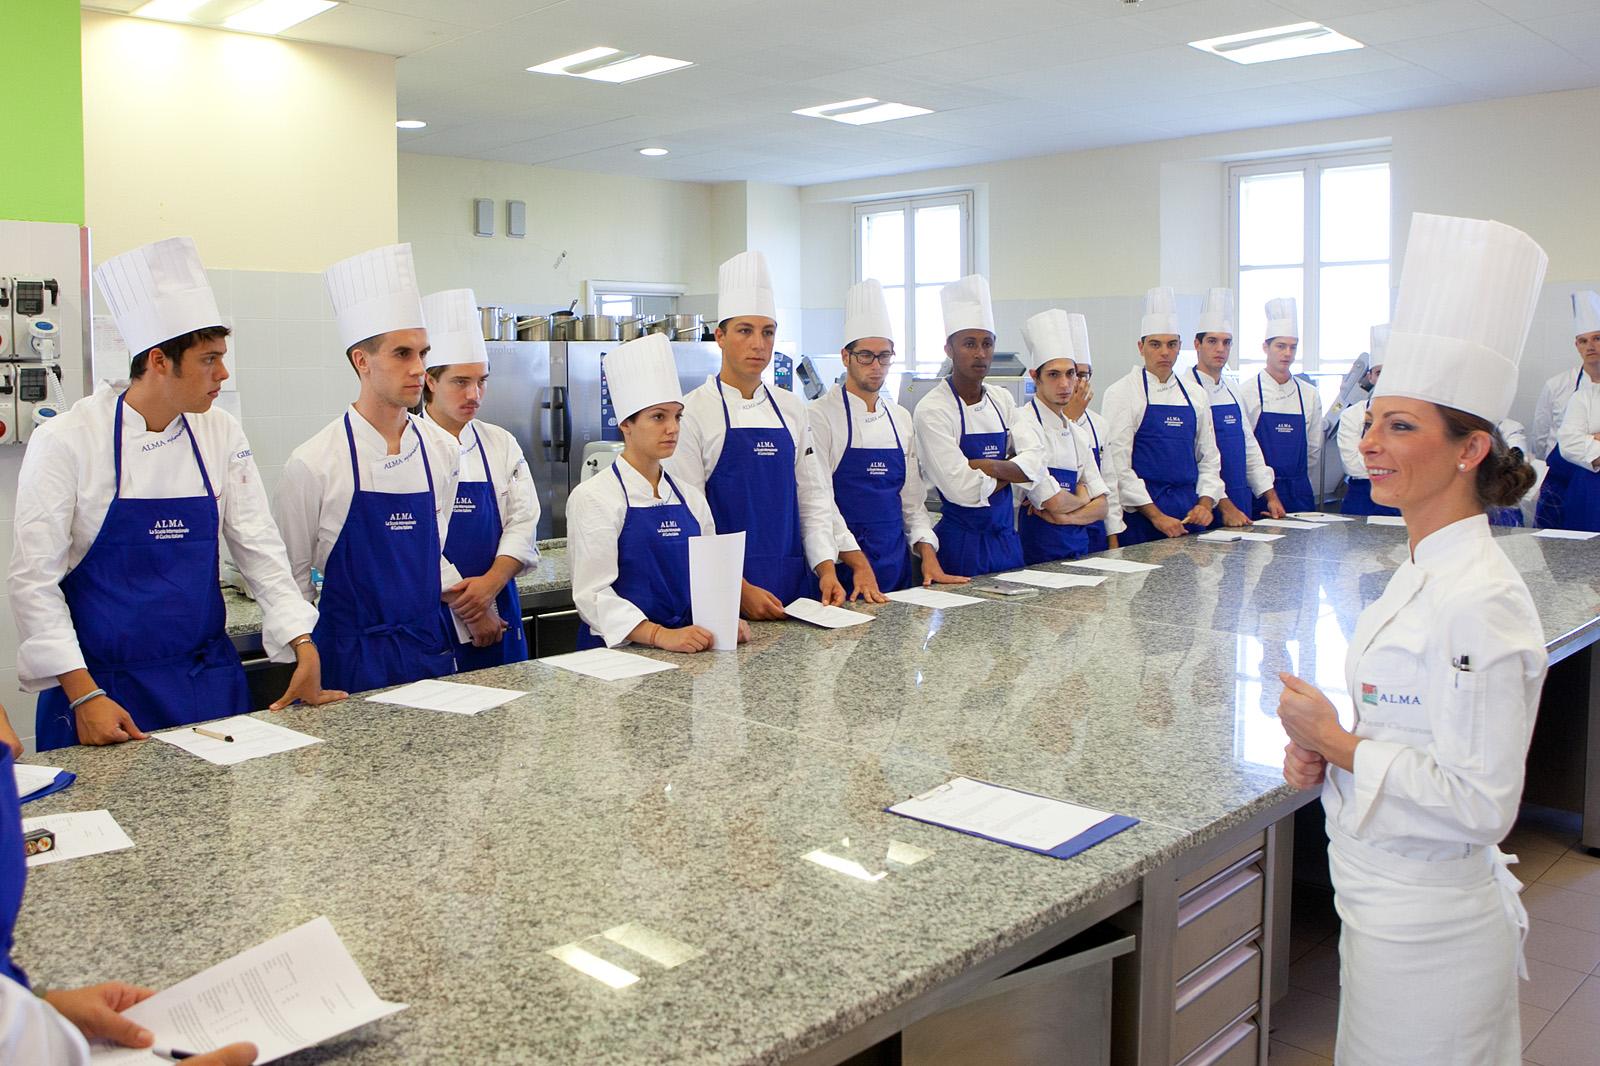 Istituto alberghiero di trastevere: tre neo diplomati alla scuola